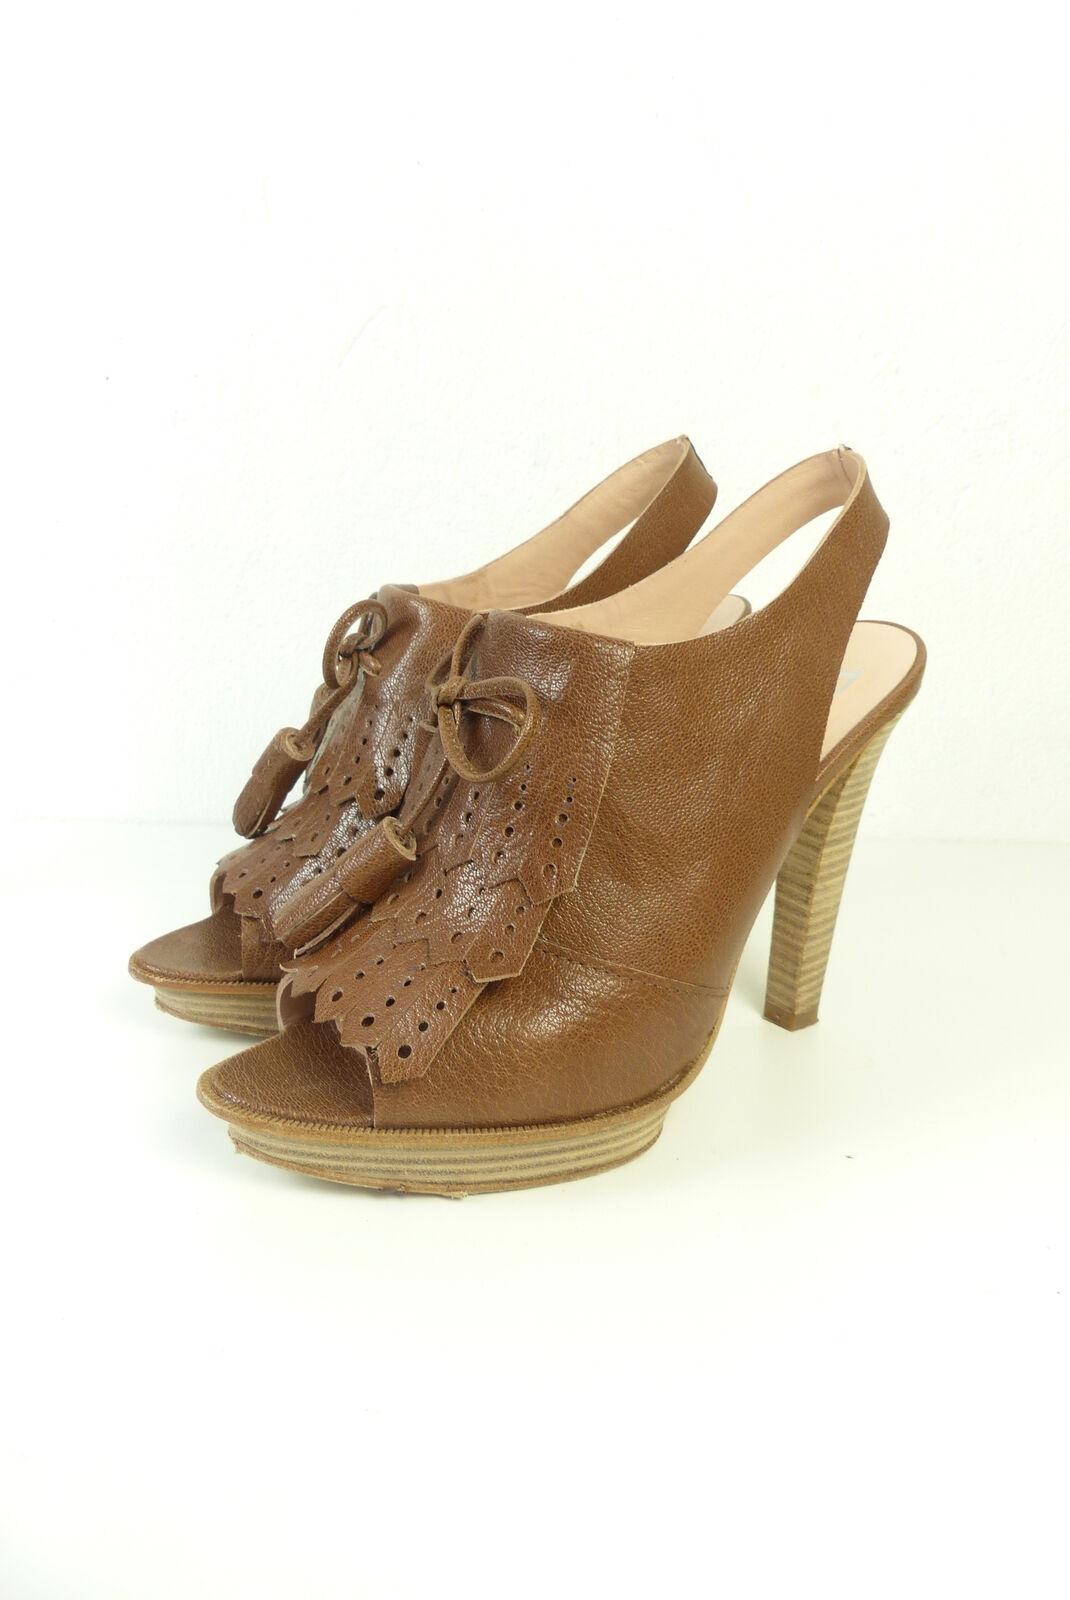 Paco gil tacón tacón tacón alto zapatos de salón Sling back cuero marrón talla EUR 38 (t29)  en promociones de estadios